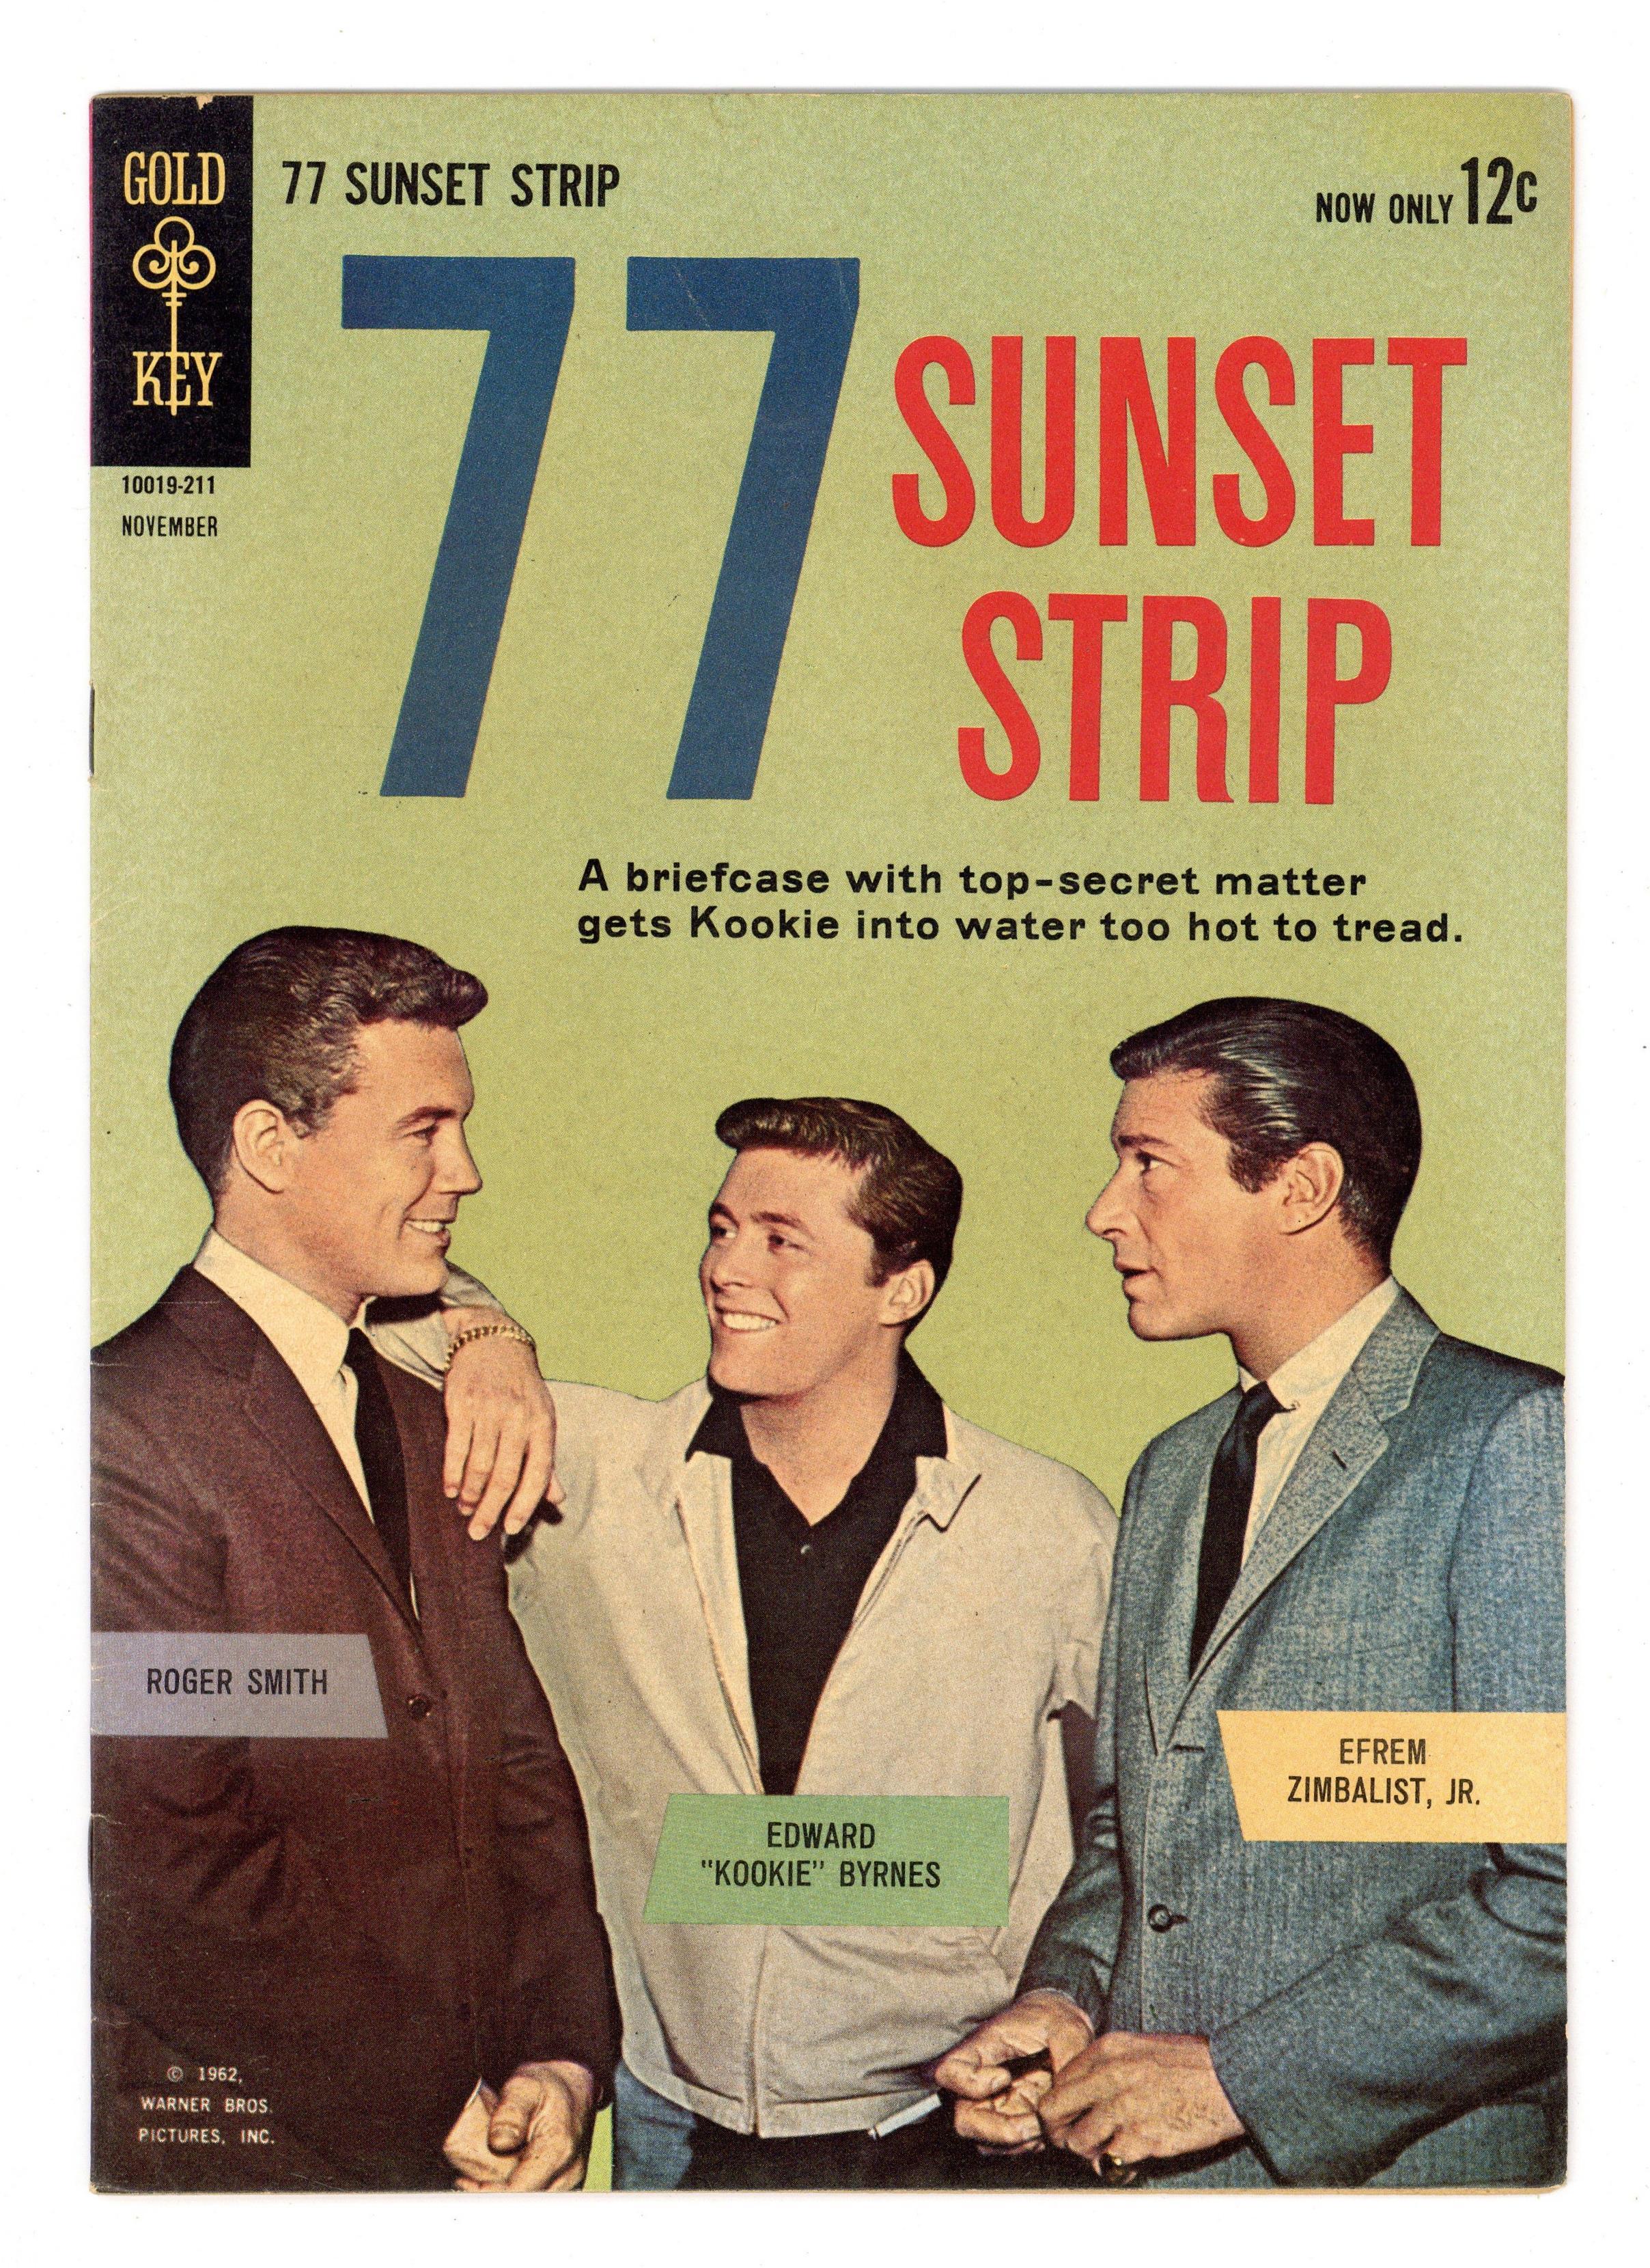 Ed byrnes car 77 sunset strip